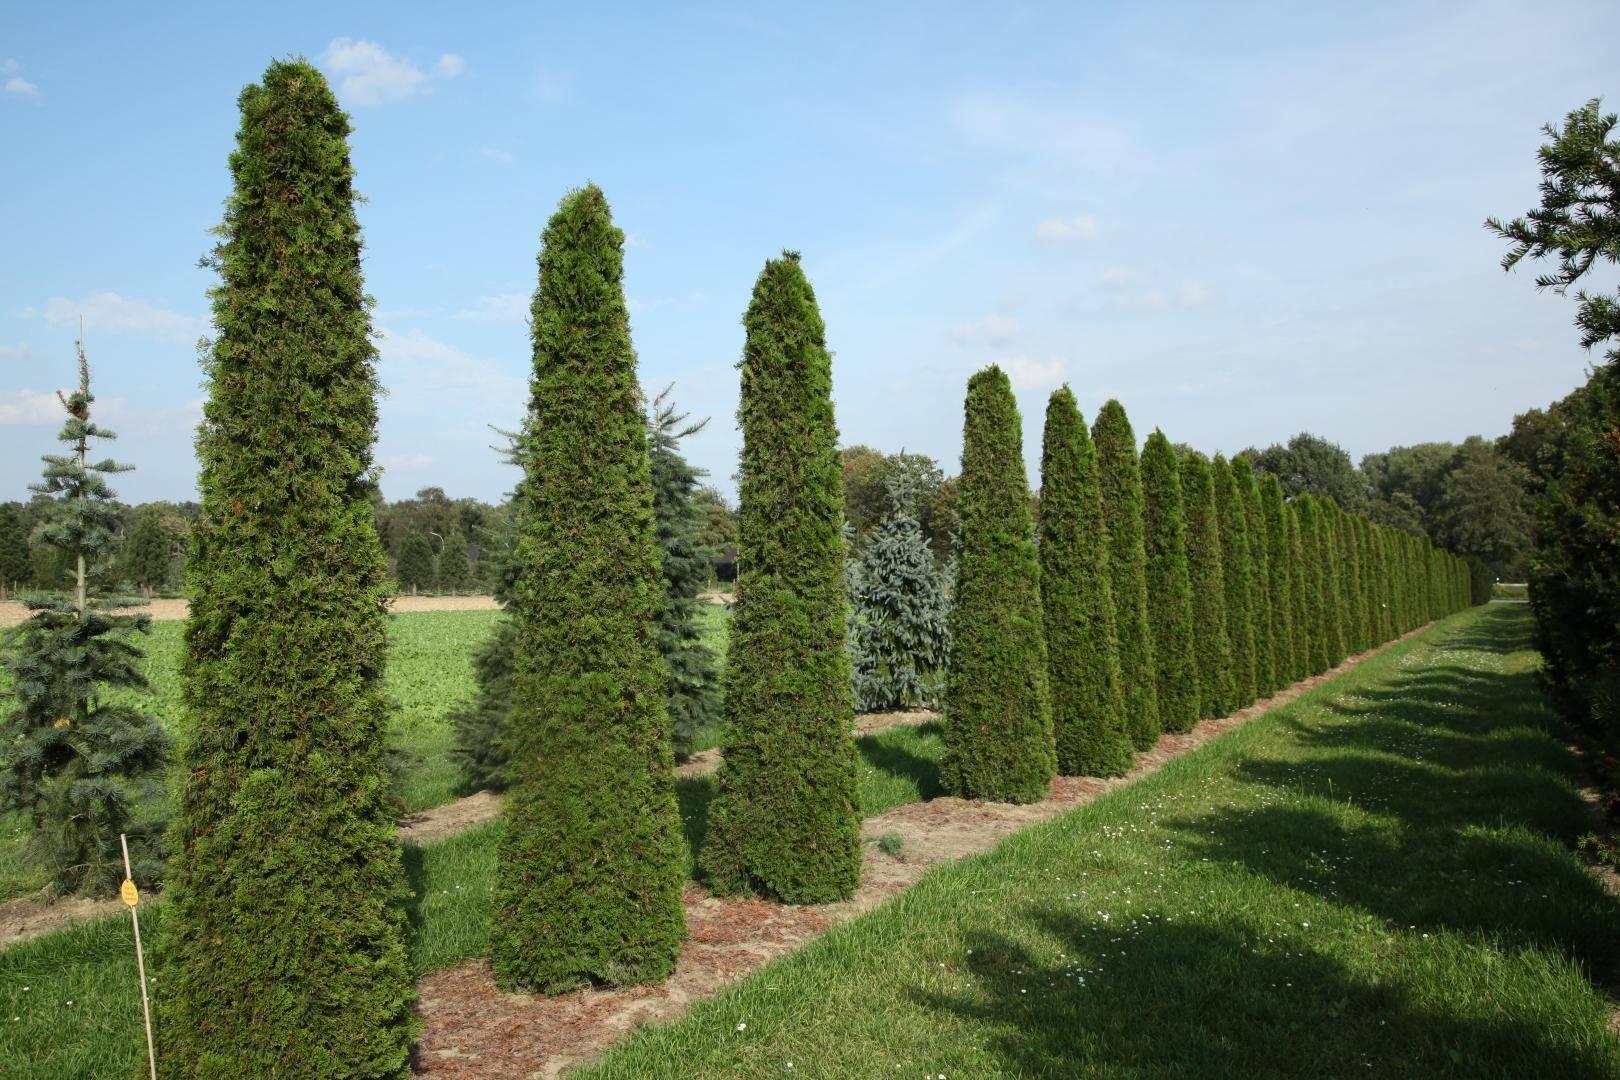 Туя «корник» (14 фото): описание сорта туи складчатой. какой высоты может достичь туя? особенности выращивания сорта